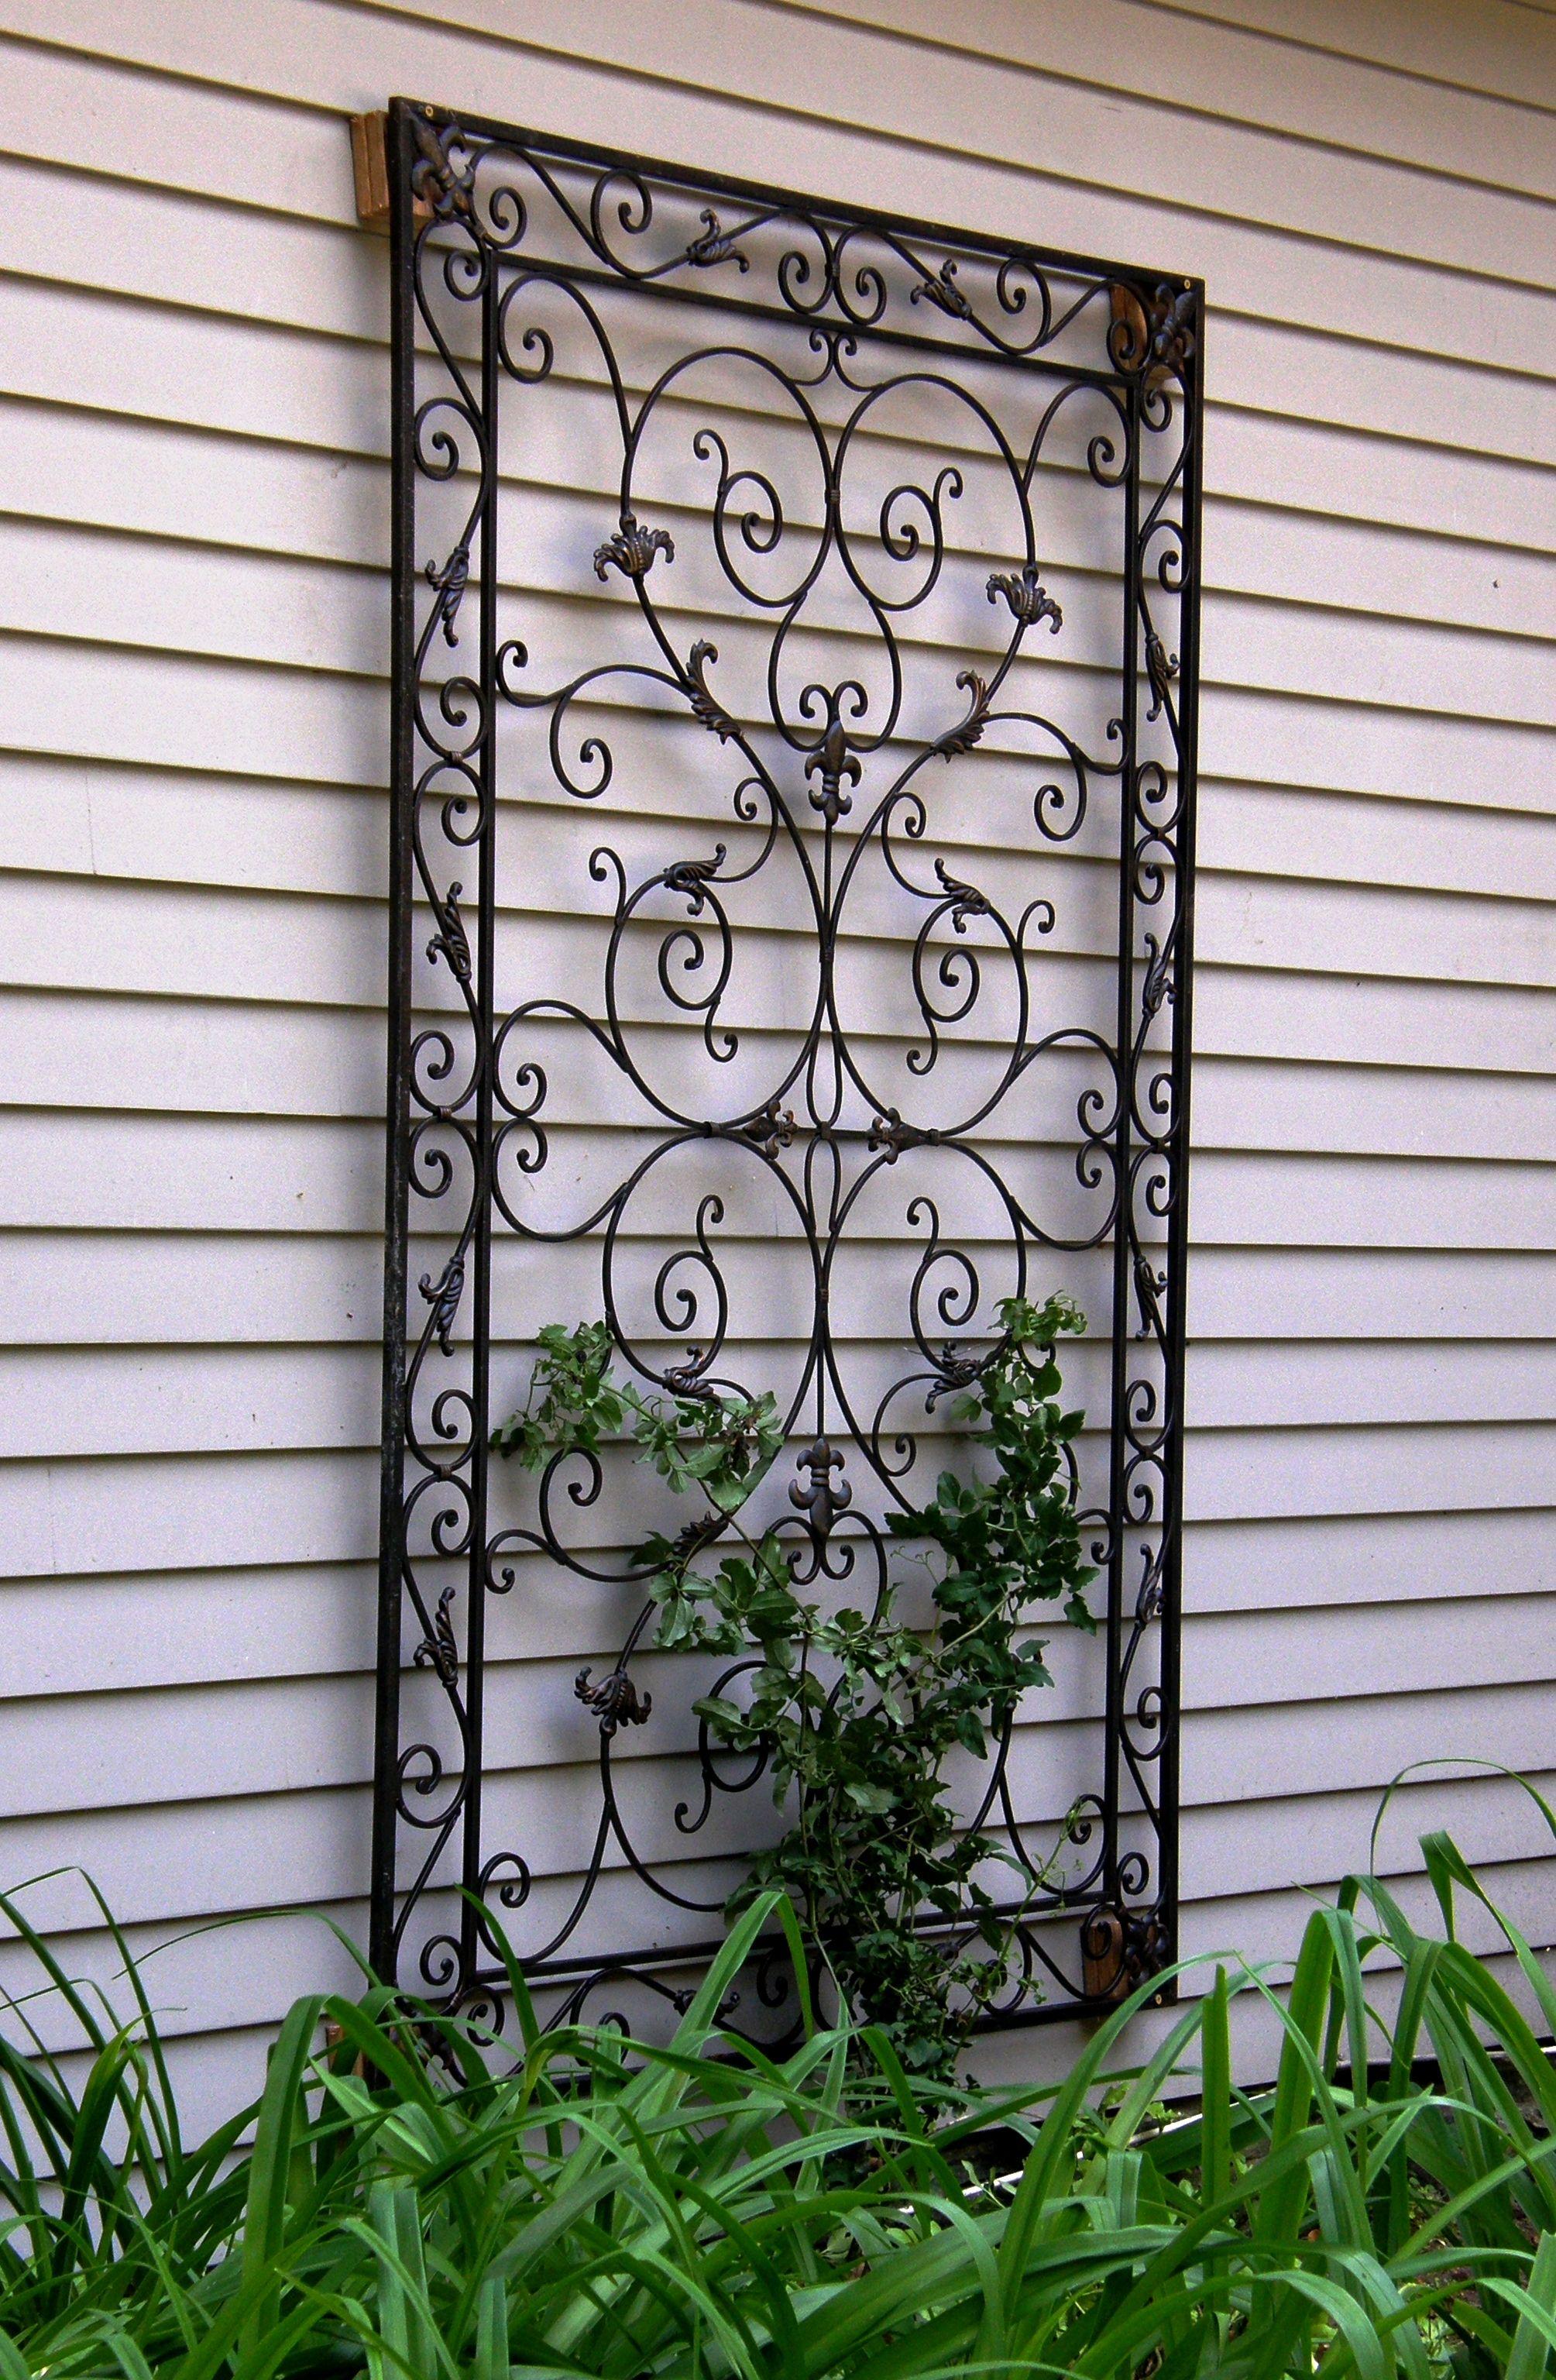 Garden Wrought Iron Decor Outdoor Wall Art For The Garden   Decorative  Wrought Iron